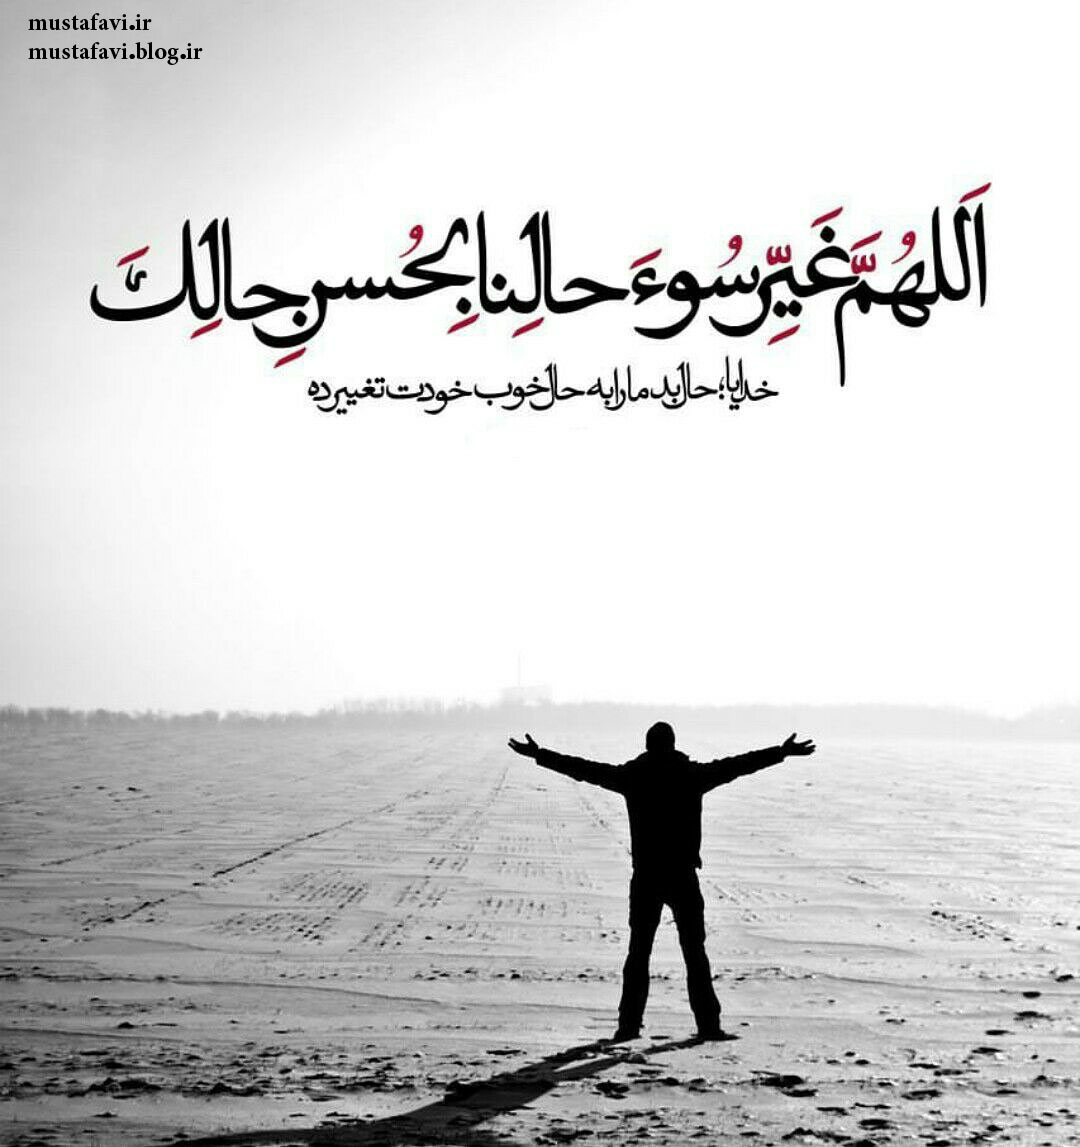 تنها عنایت توست...... :: وبلاگ حضرت آیت الله العظمی حاج سید ...